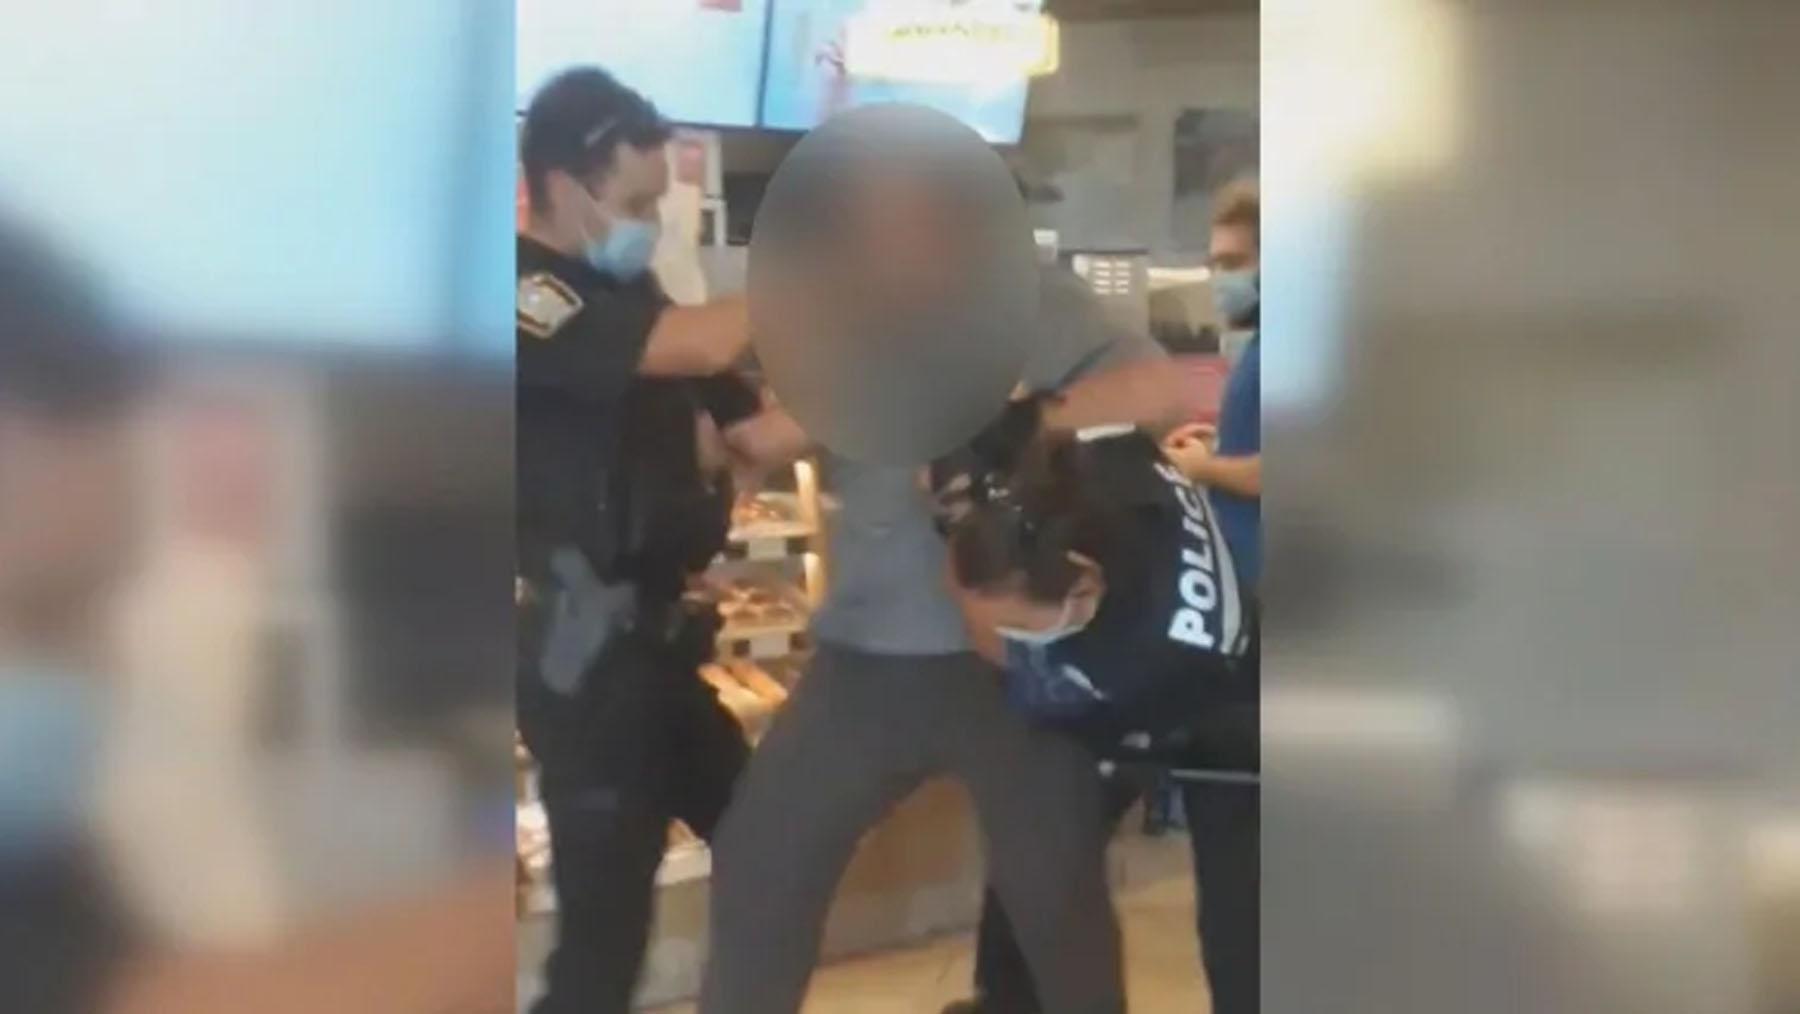 تصویر از بخاطر نداشتن ماسک یک مرد در یکی از رستوران های تیم هورتونز مونترال دستگیر شد